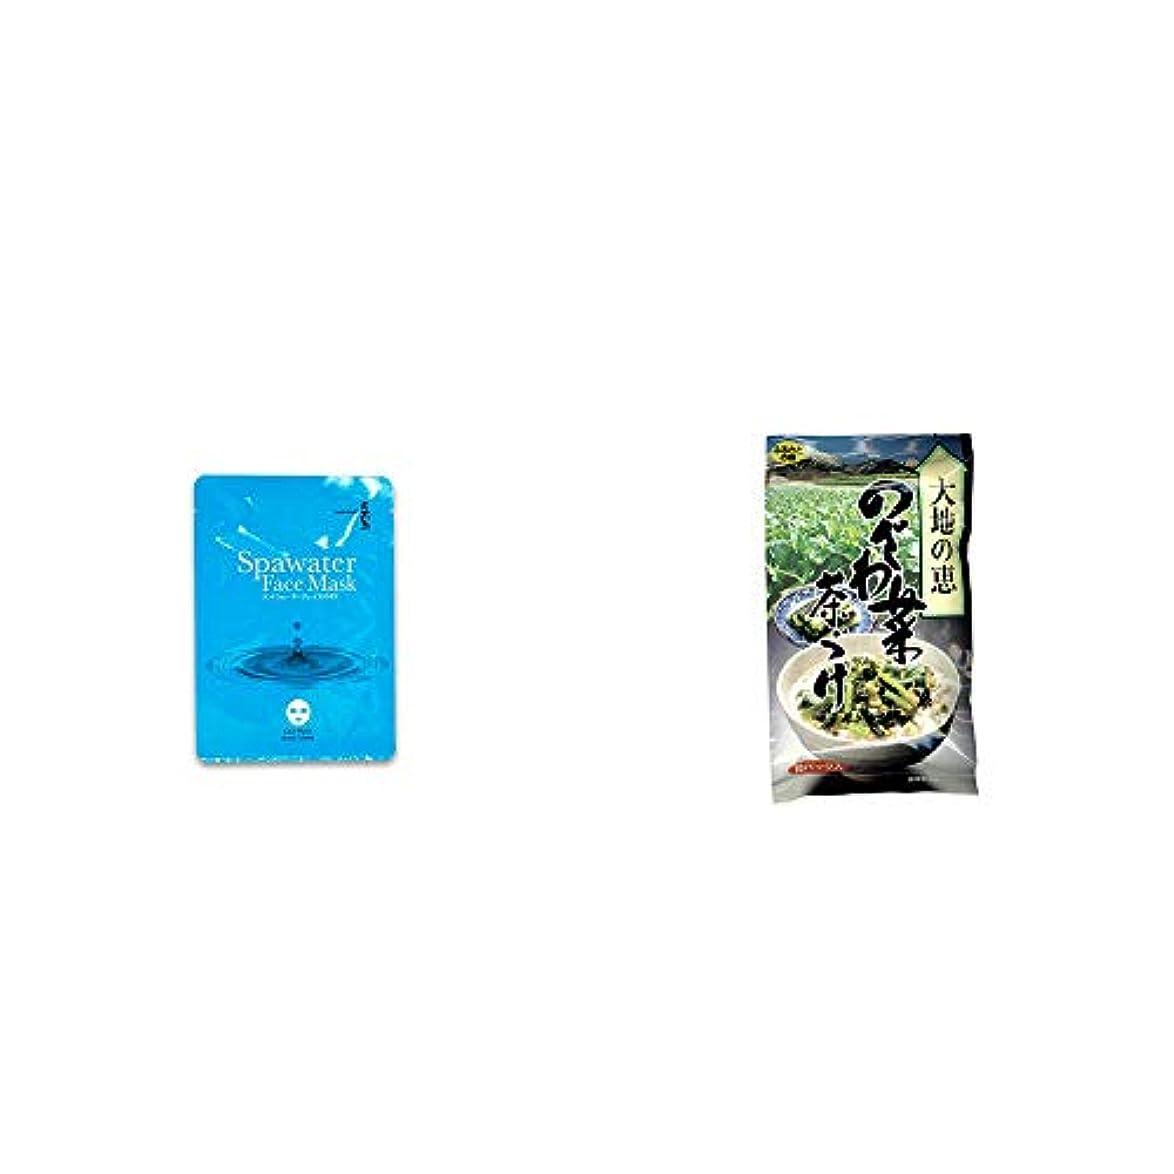 ロバスツール予防接種[2点セット] ひのき炭黒泉 スパウォーターフェイスマスク(18ml×3枚入)?特選茶漬け 大地の恵 のざわ菜茶づけ(10袋入)